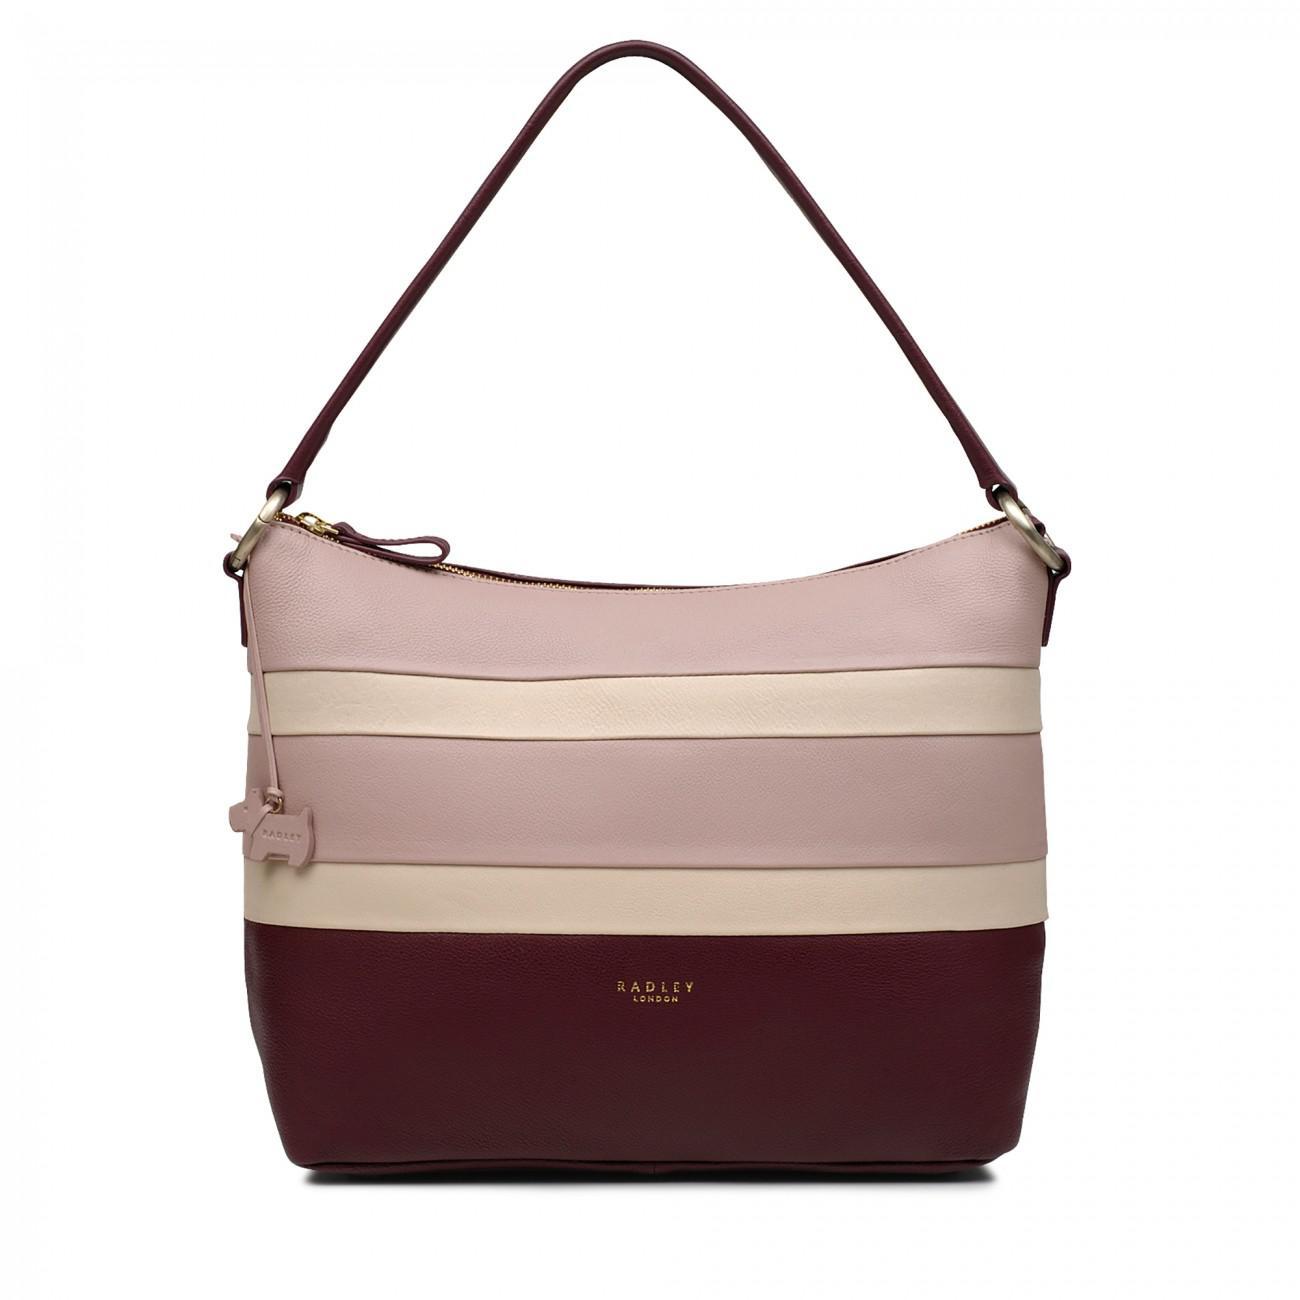 eb21b295130 Radley - Multicolor Berwick Street Large Zip-top Grab Bag - Lyst. View  fullscreen